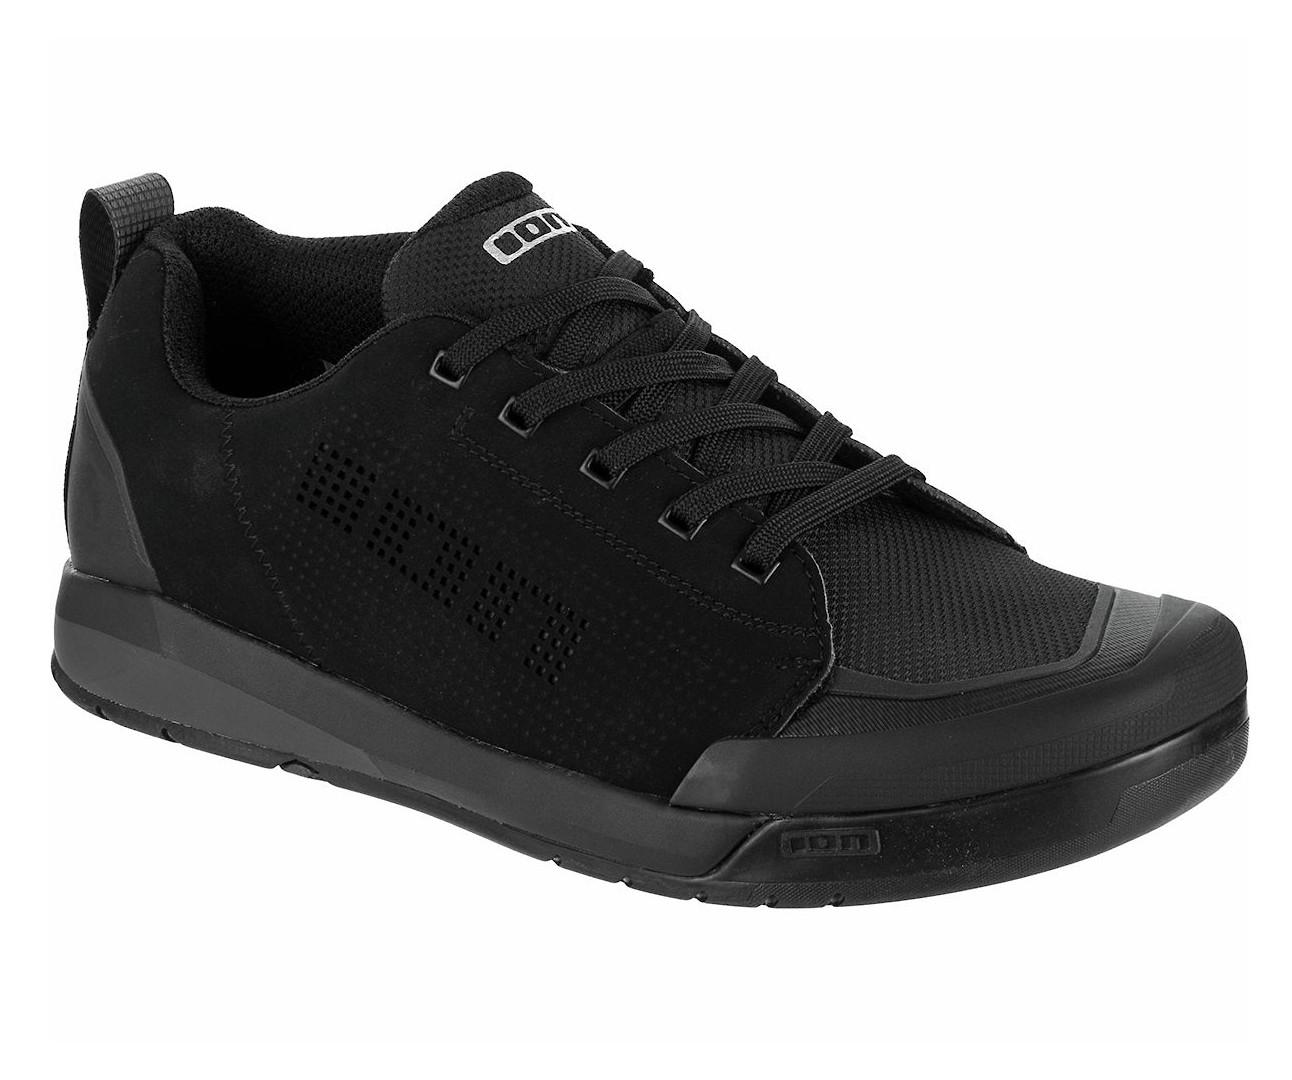 ION Raid AMP II Flat Pedal Shoe